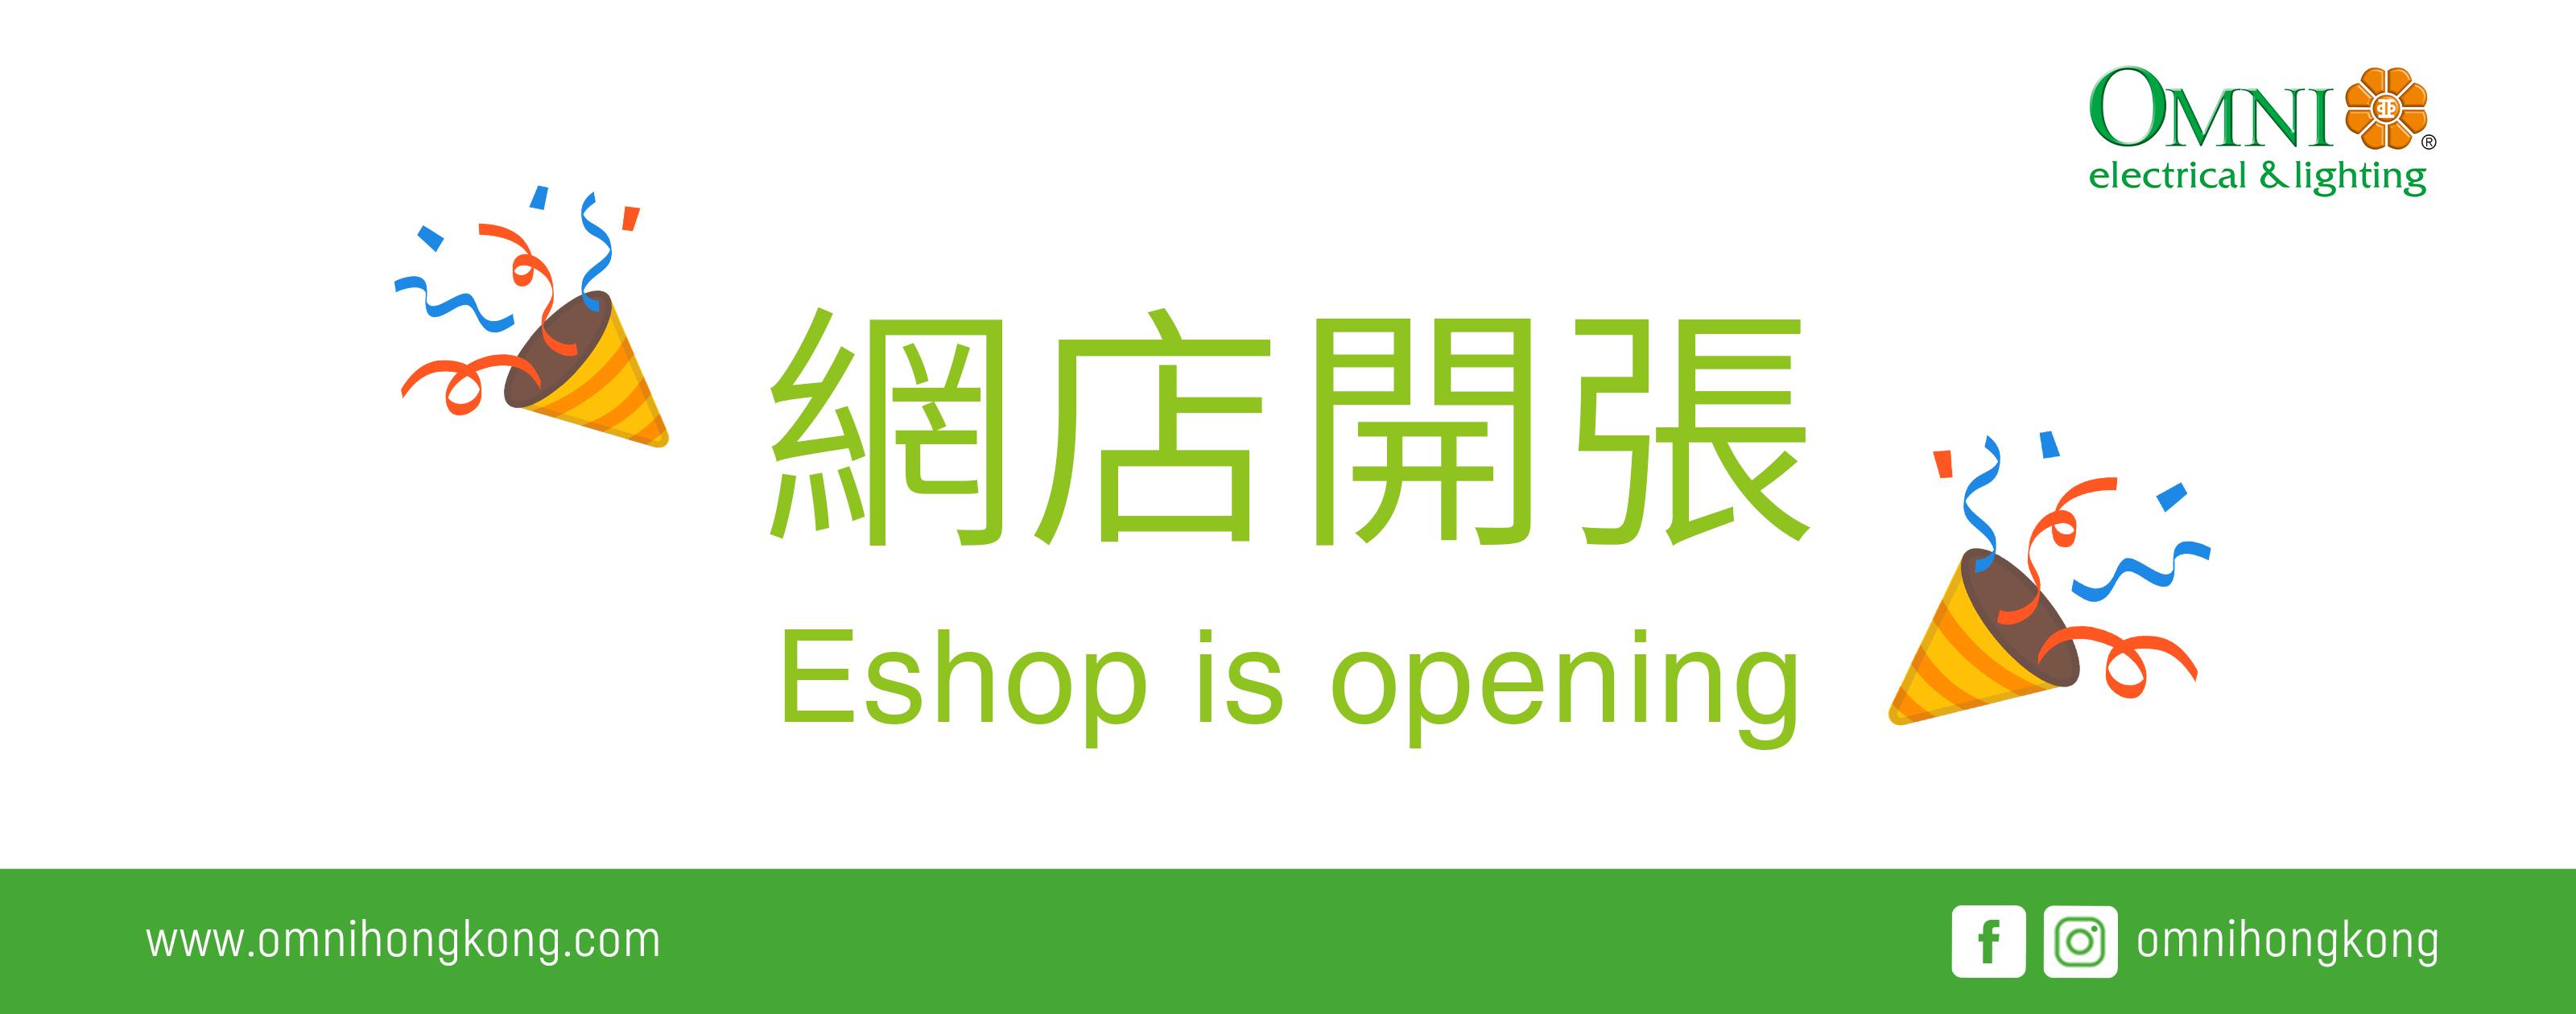 post_shop_open_banner_web_v6